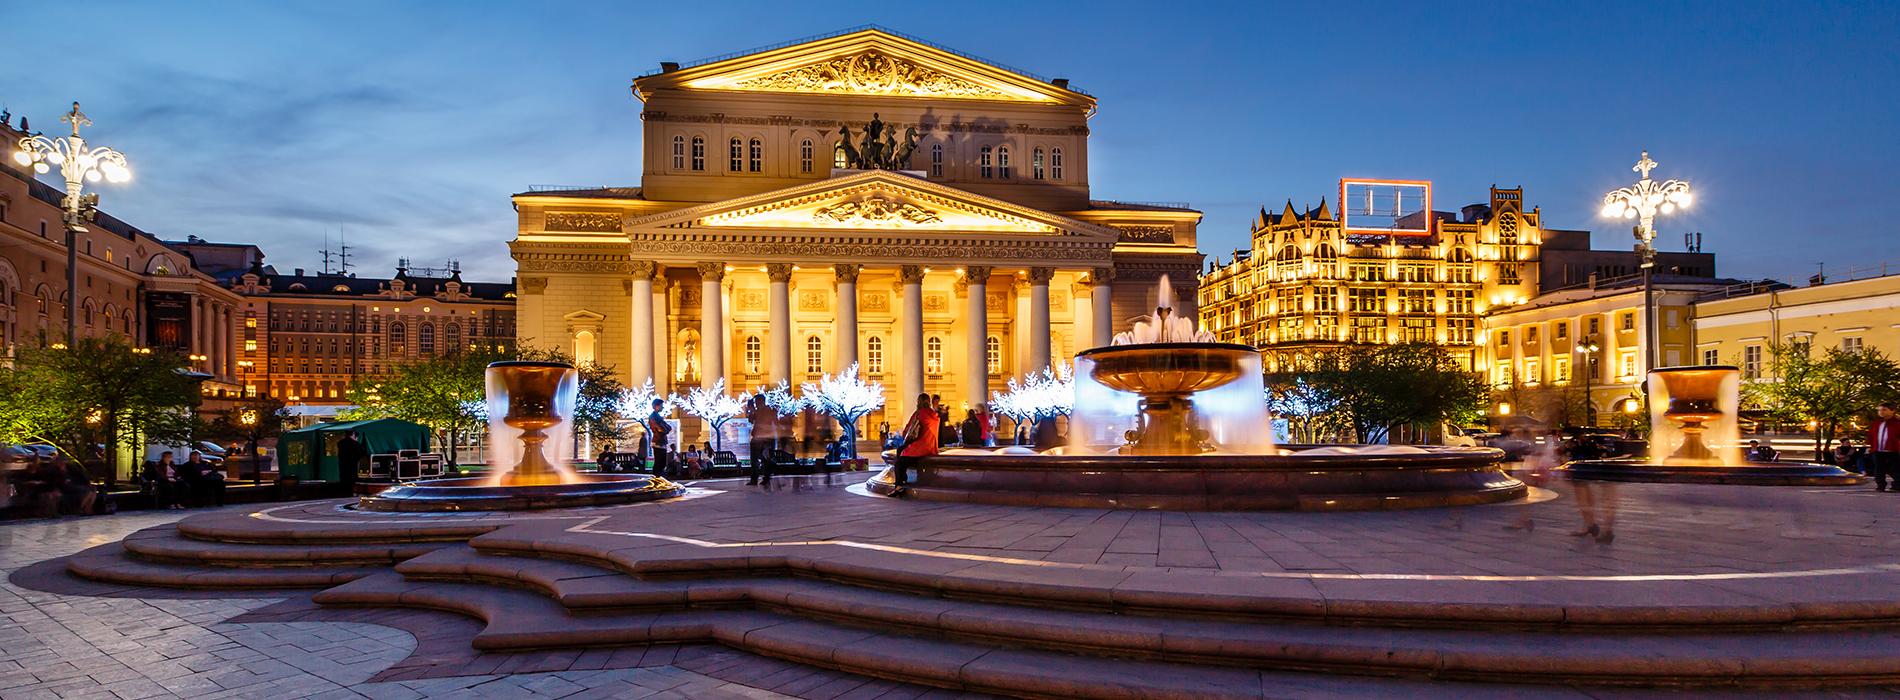 Авиабилеты Сочи — Москва, купить билеты на самолет туда и обратно, цены и расписание рейсов